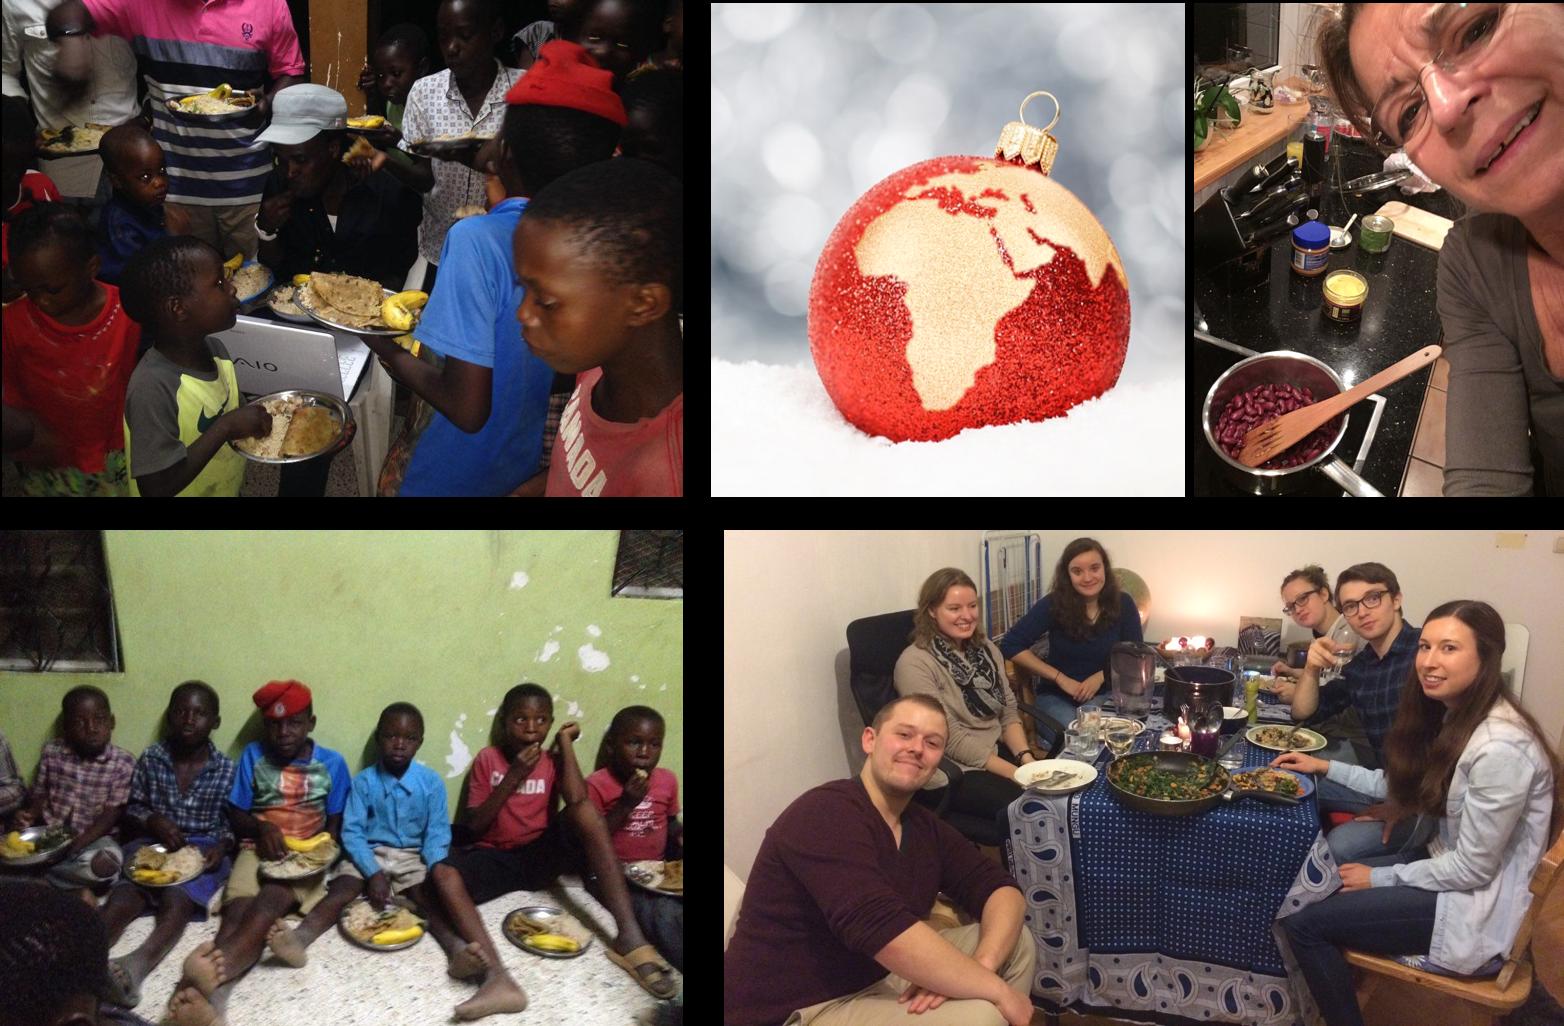 christmasdinner-collage2